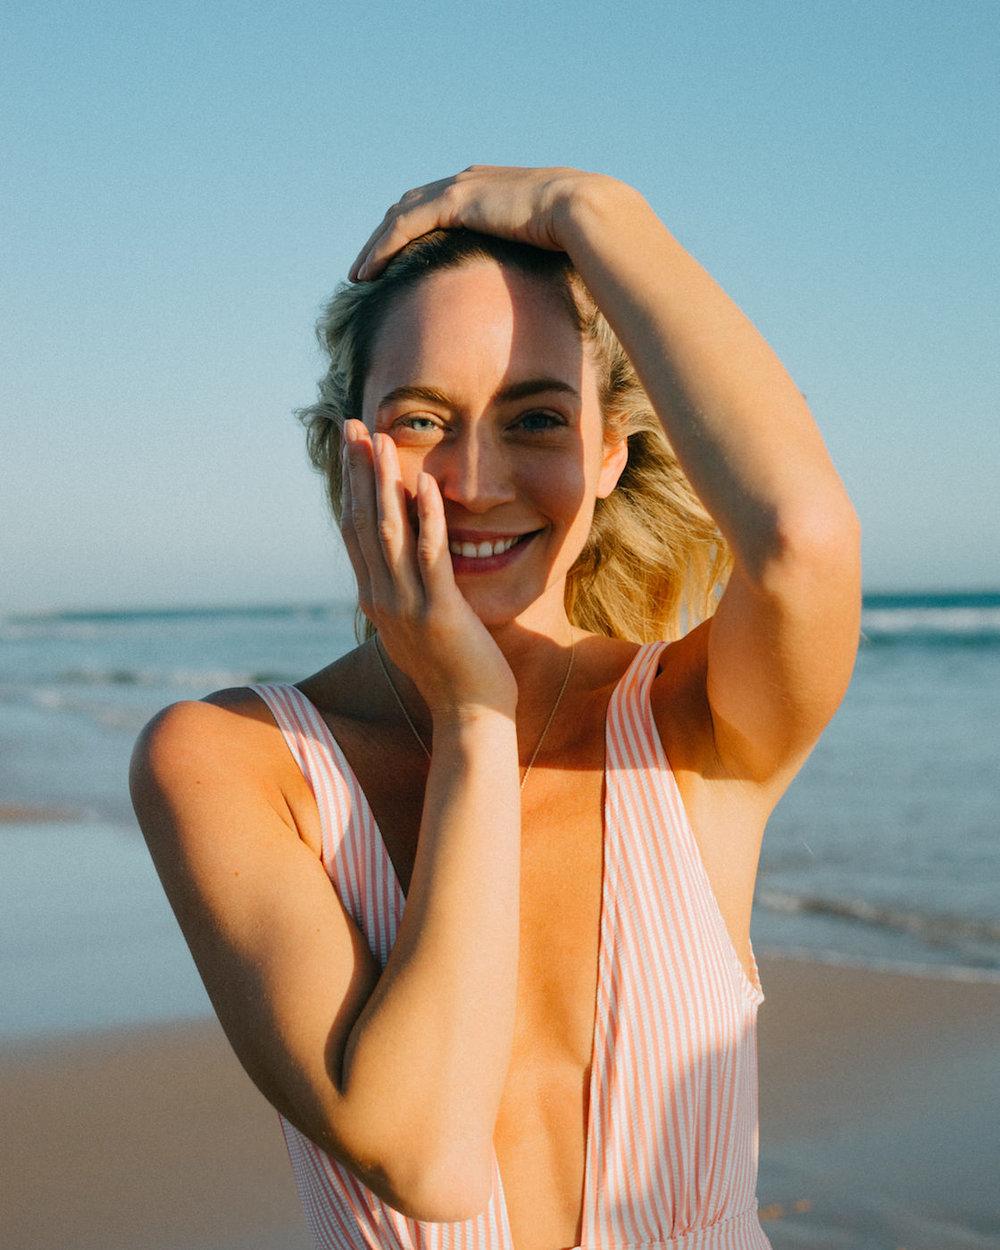 Ana-apricotbewrlin-lisbon-cascais-beachwear-swimsuit-2018.jpg